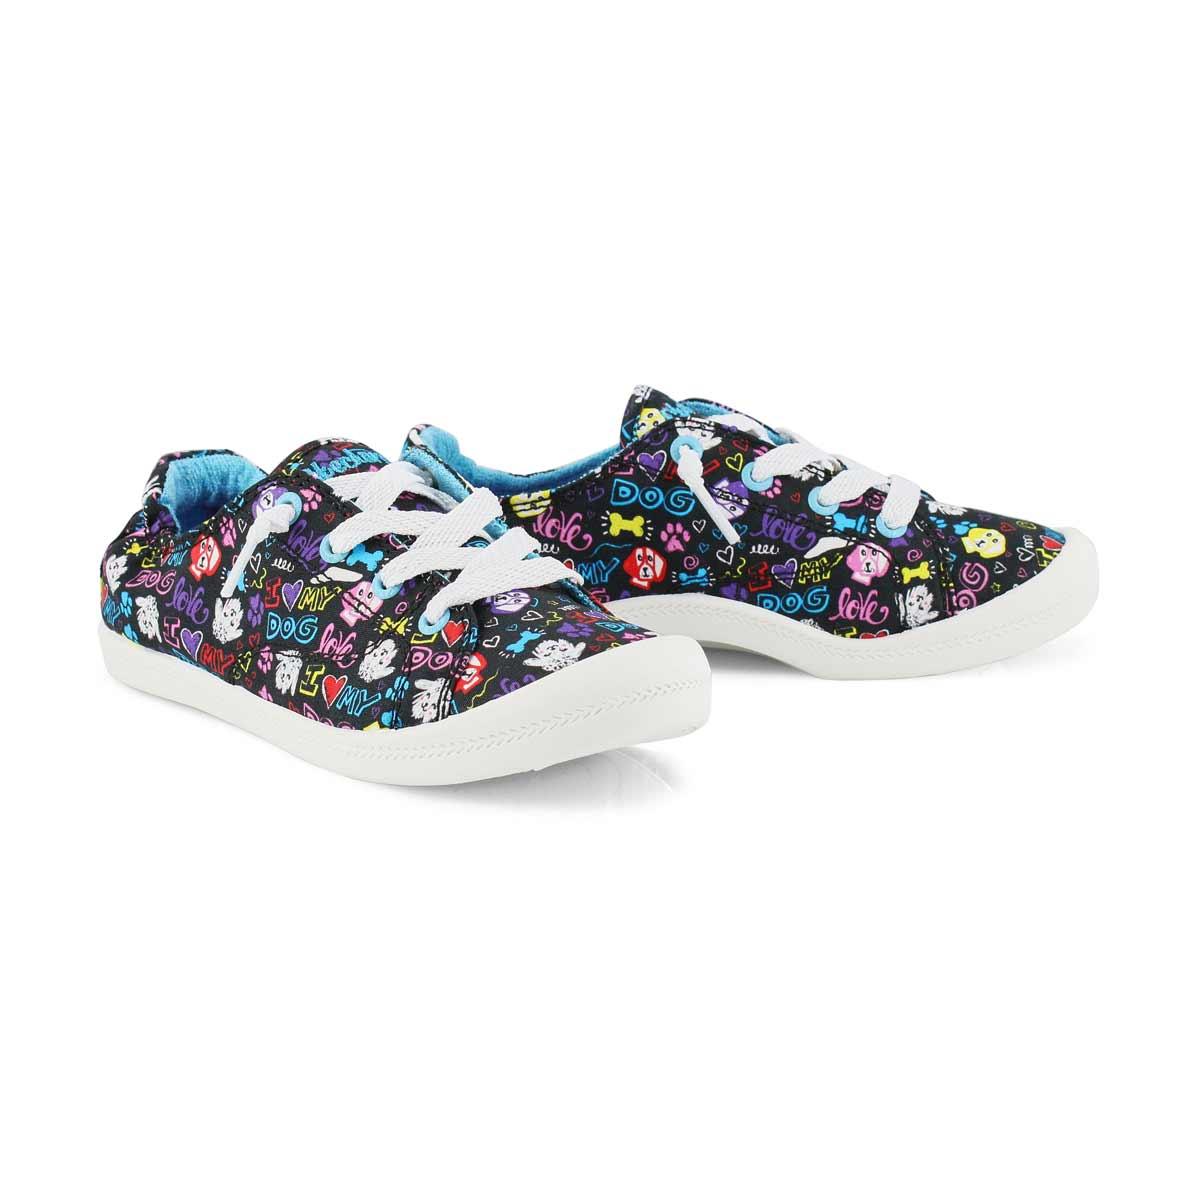 Grls Beach Bingo blk/mlti sneaker